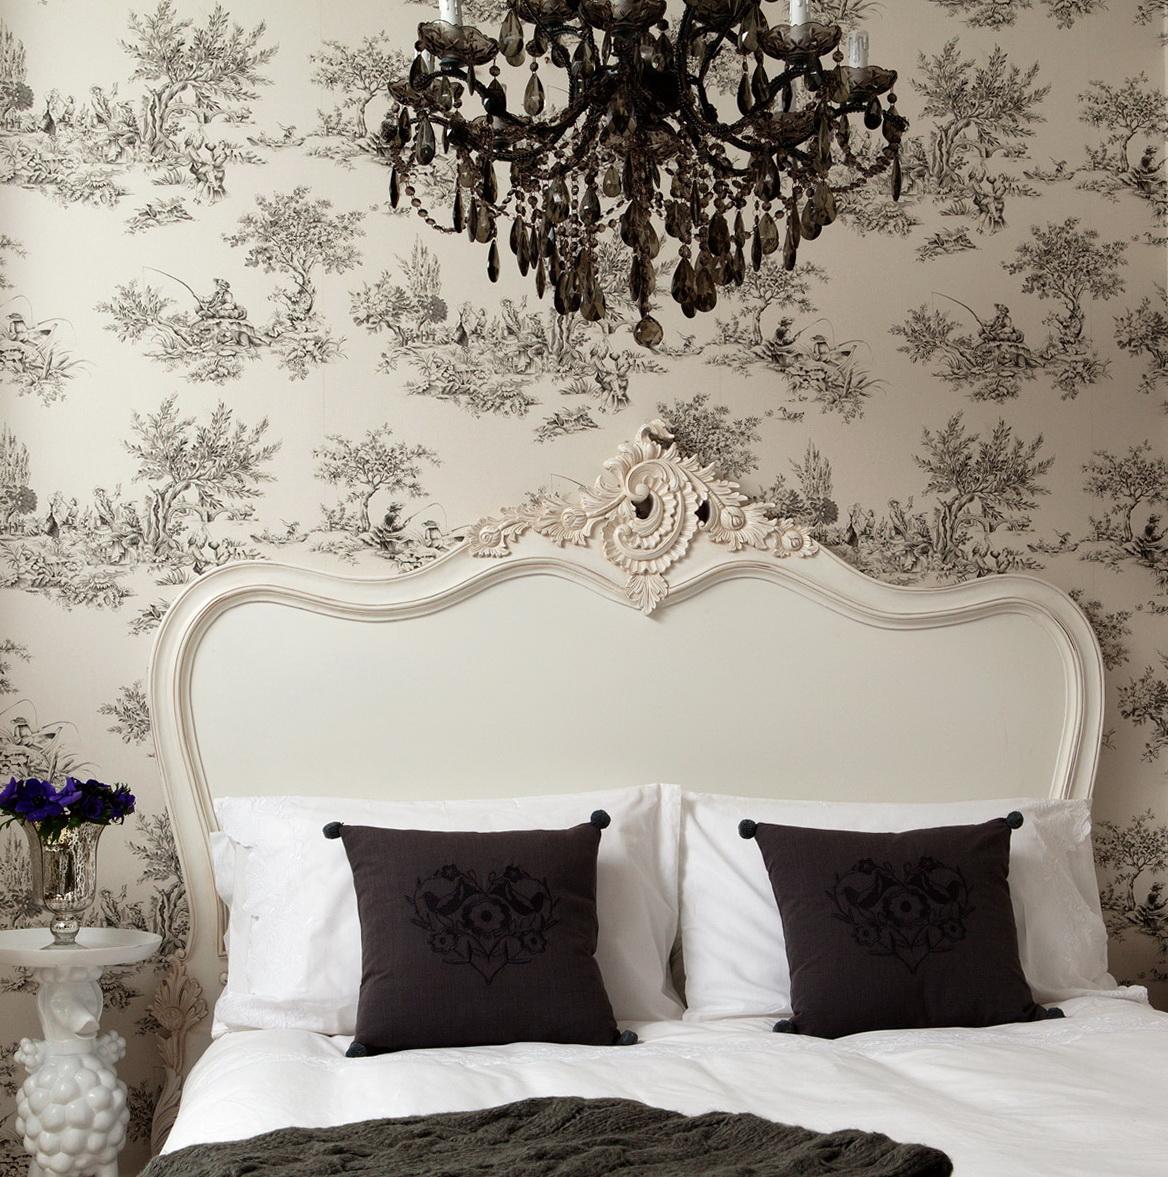 Images Of Chandeliers In Bedrooms